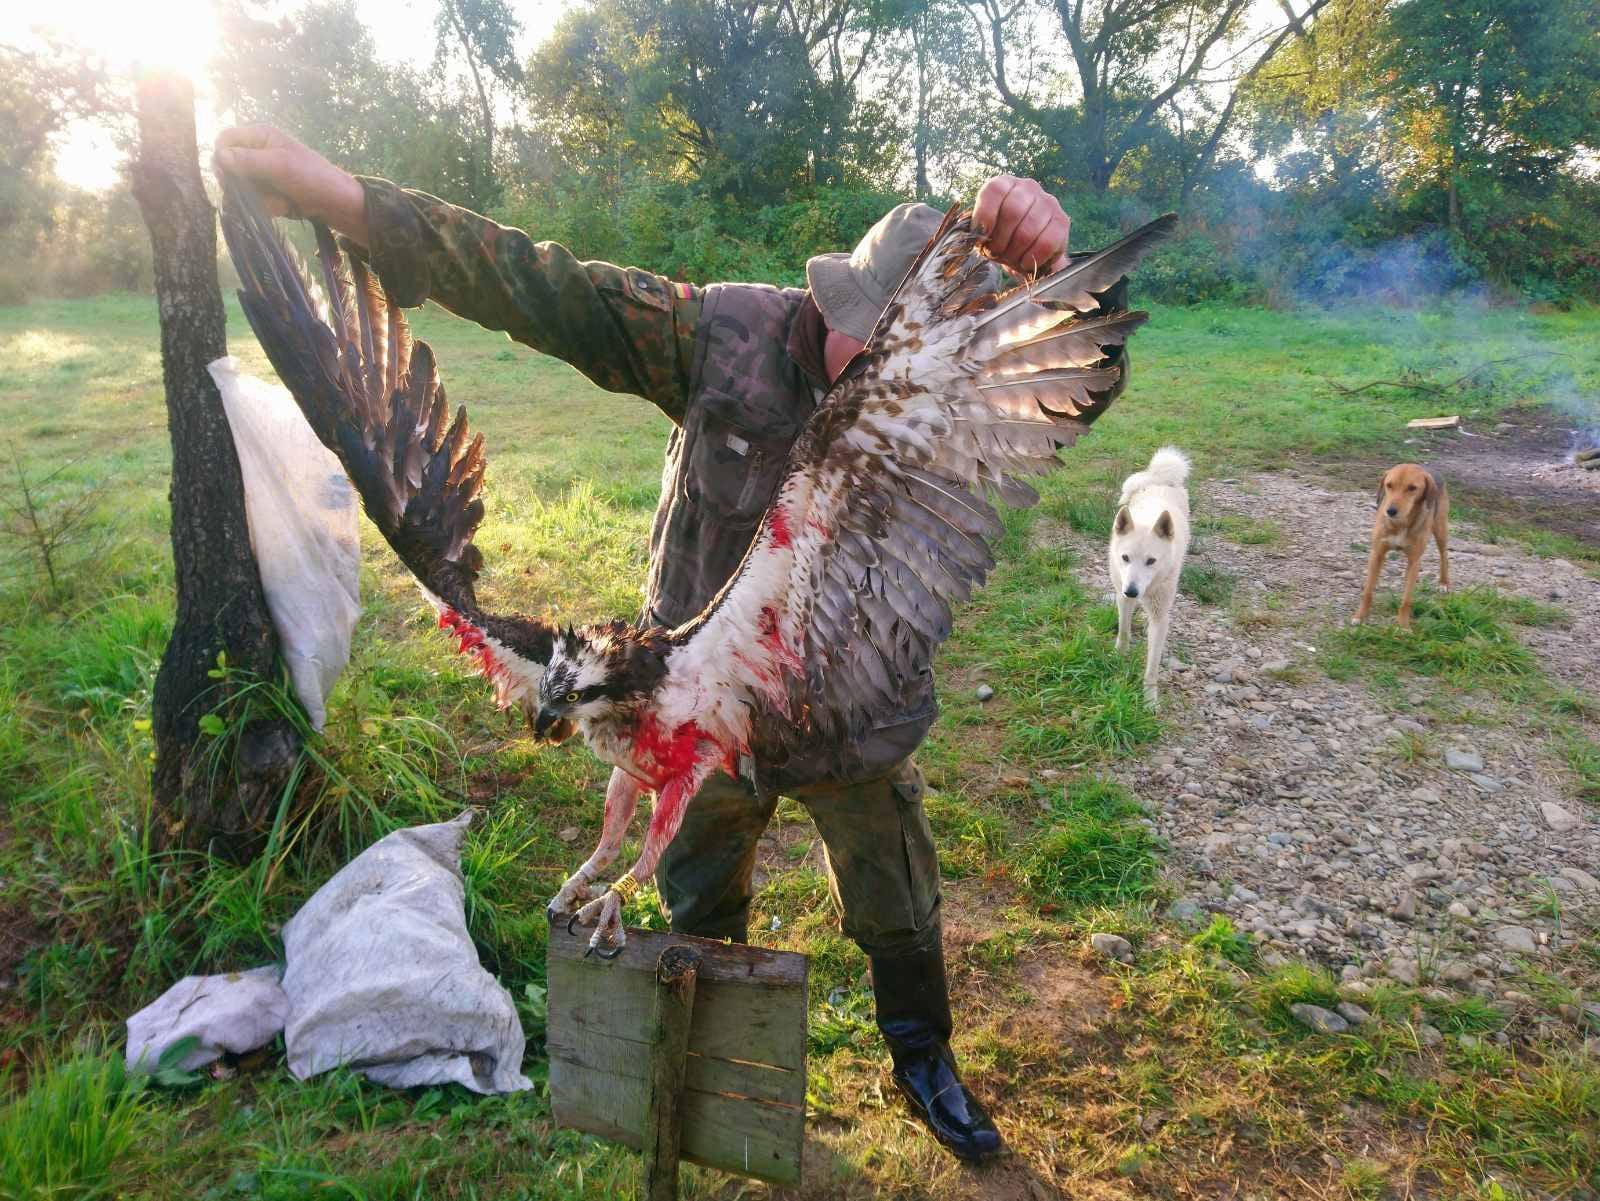 На Прикарпатті браконьєри вбили рідкісного птаха (ФОТО)